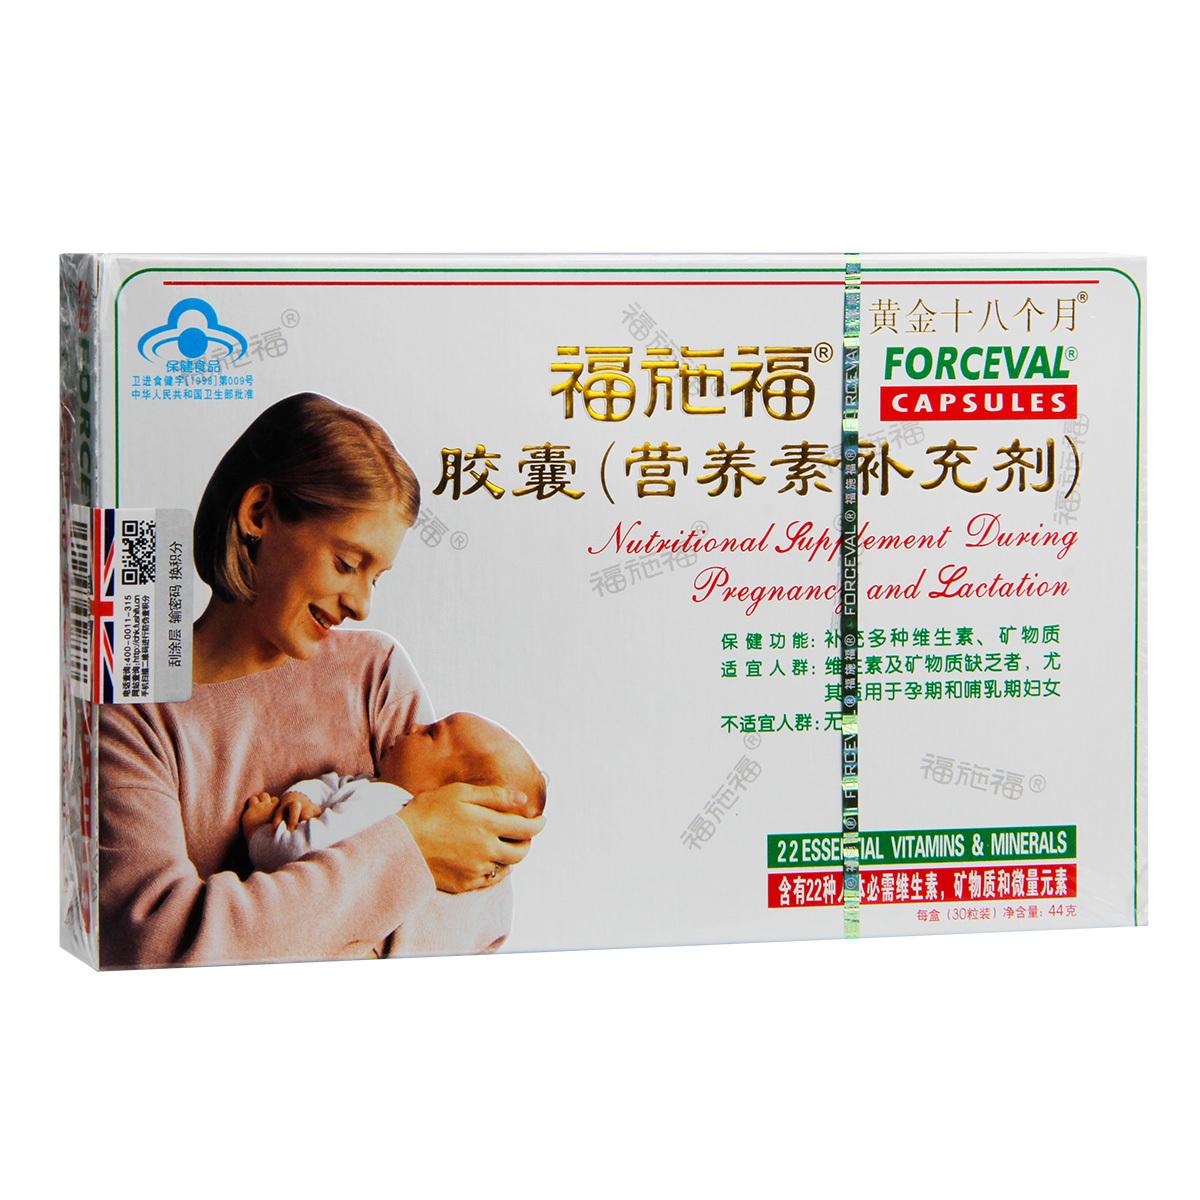 1送1 福施福胶囊多种维生素叶酸片妇早期备孕营养素正品